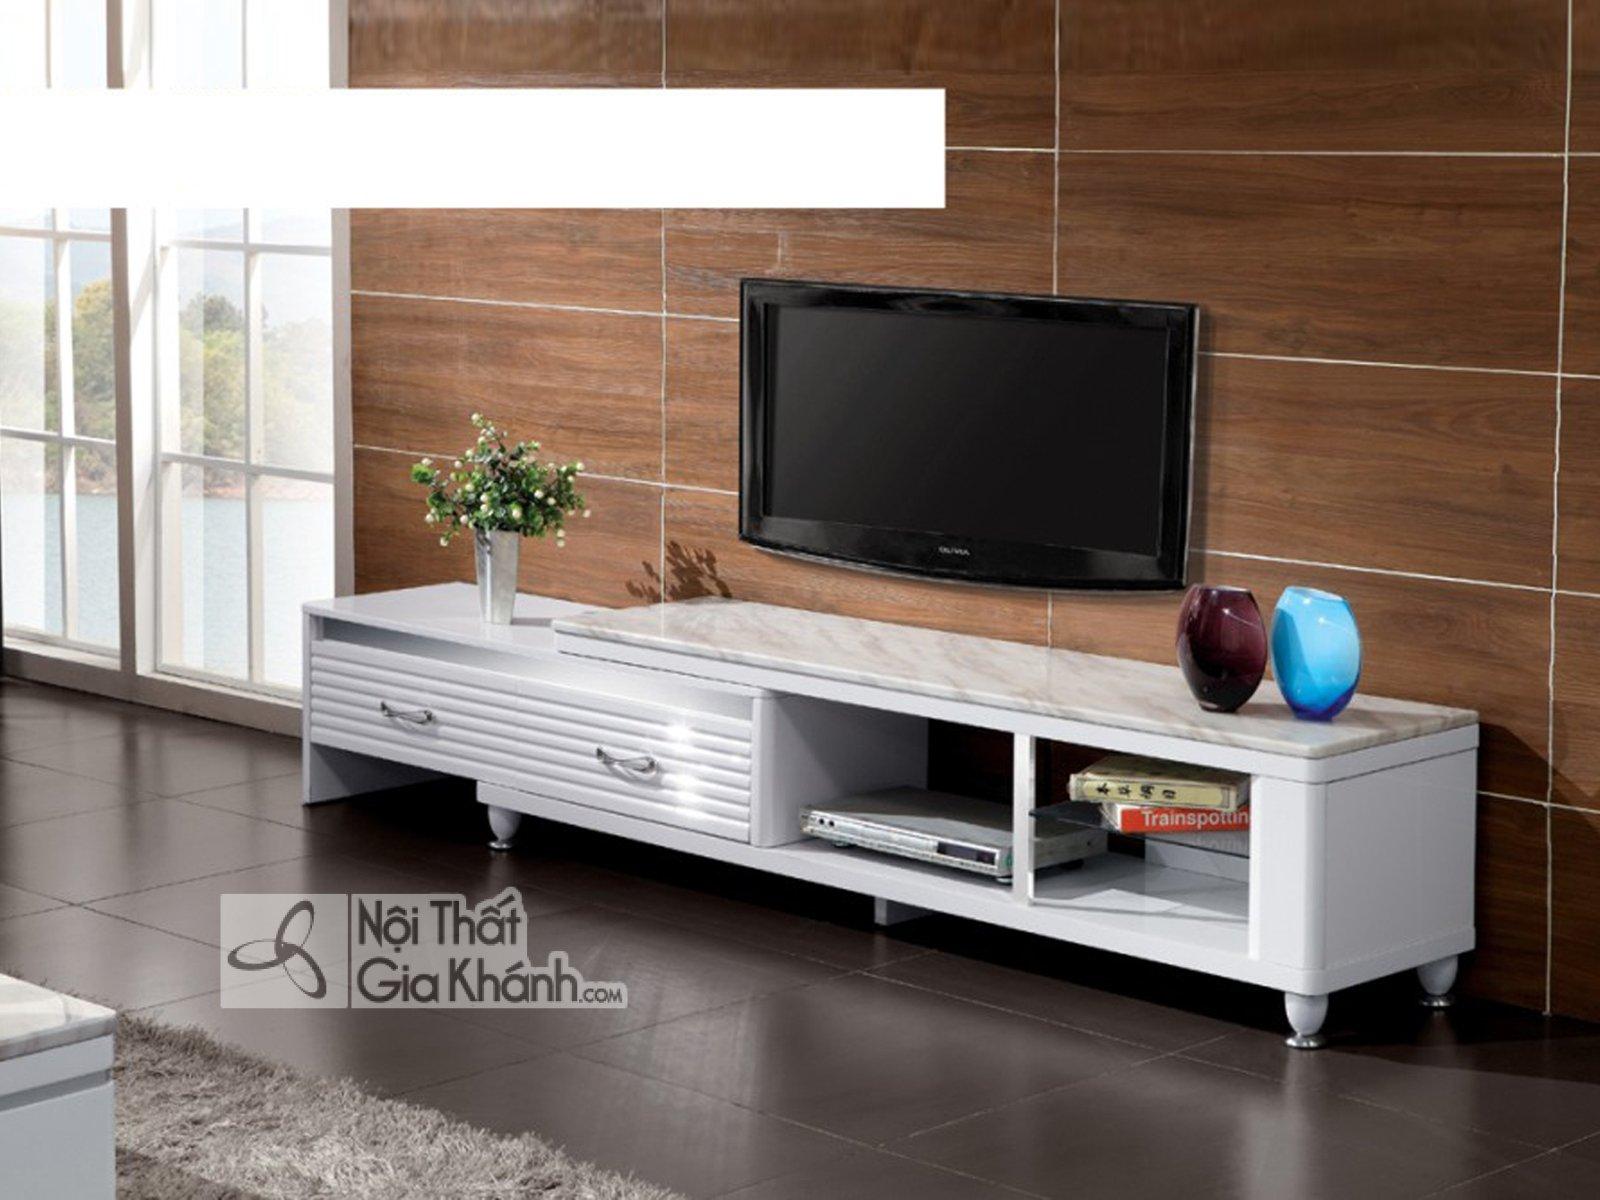 Kệ tivi bằng gỗ công nghiệp phòng khách hiện đại mặt đá HY20050+52 - ke ti vi da nang mat da hy2005052